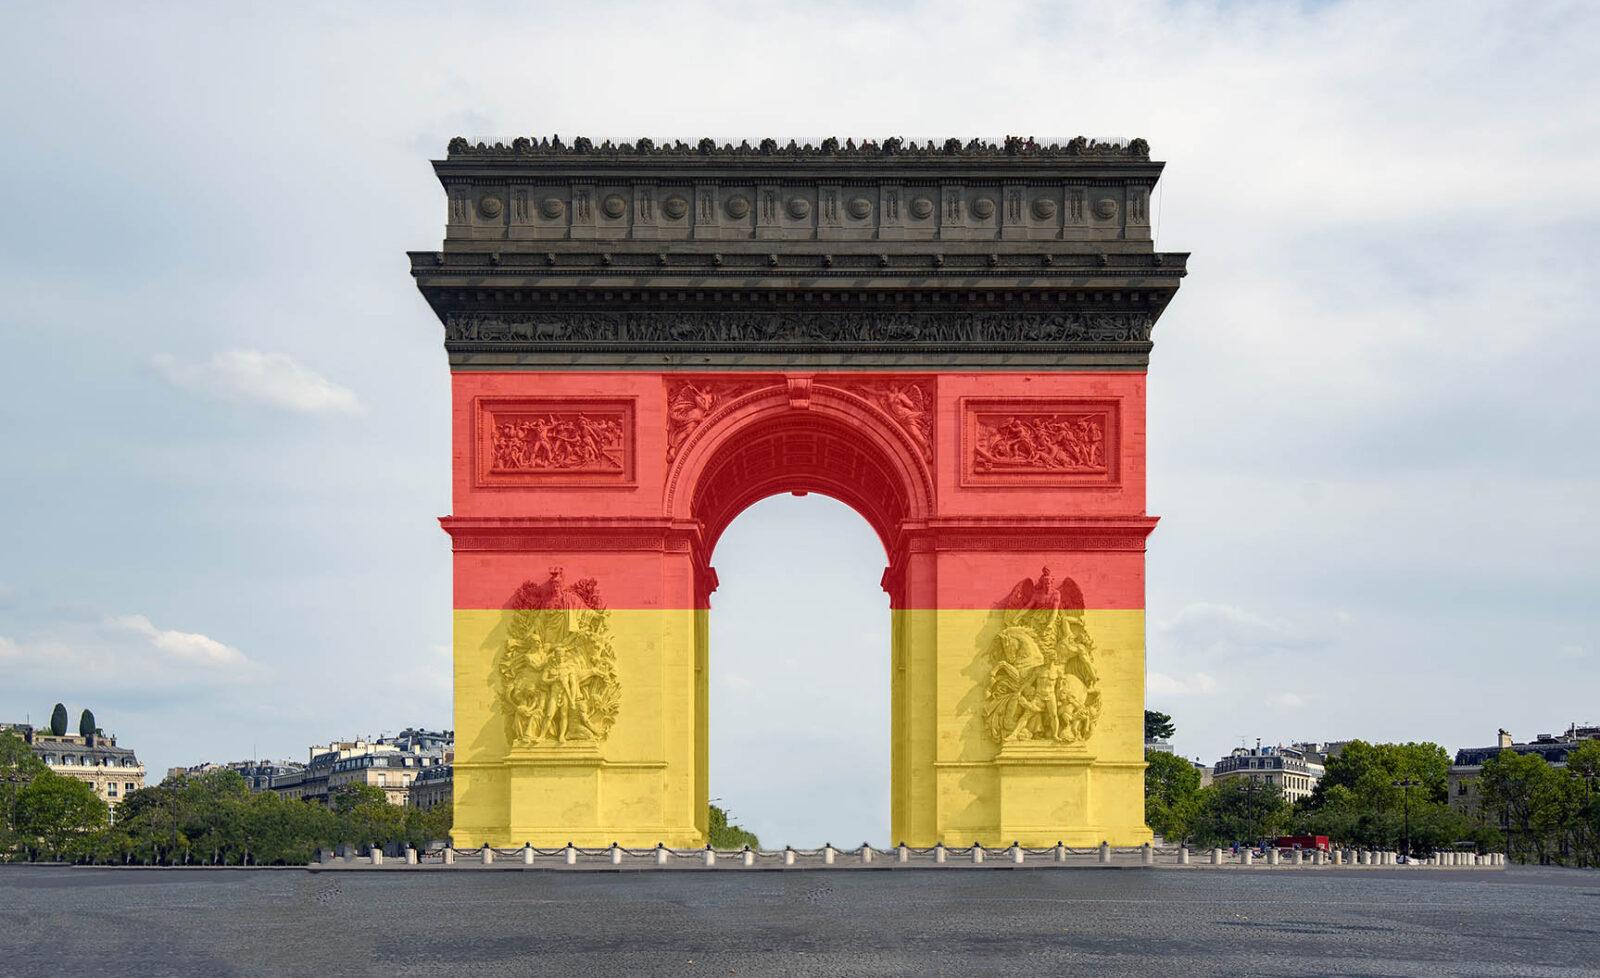 der Arc de Triomphe in Paris mit einer deutschen Fahne als Symbol für deutsche Unternehmen in Frankreich